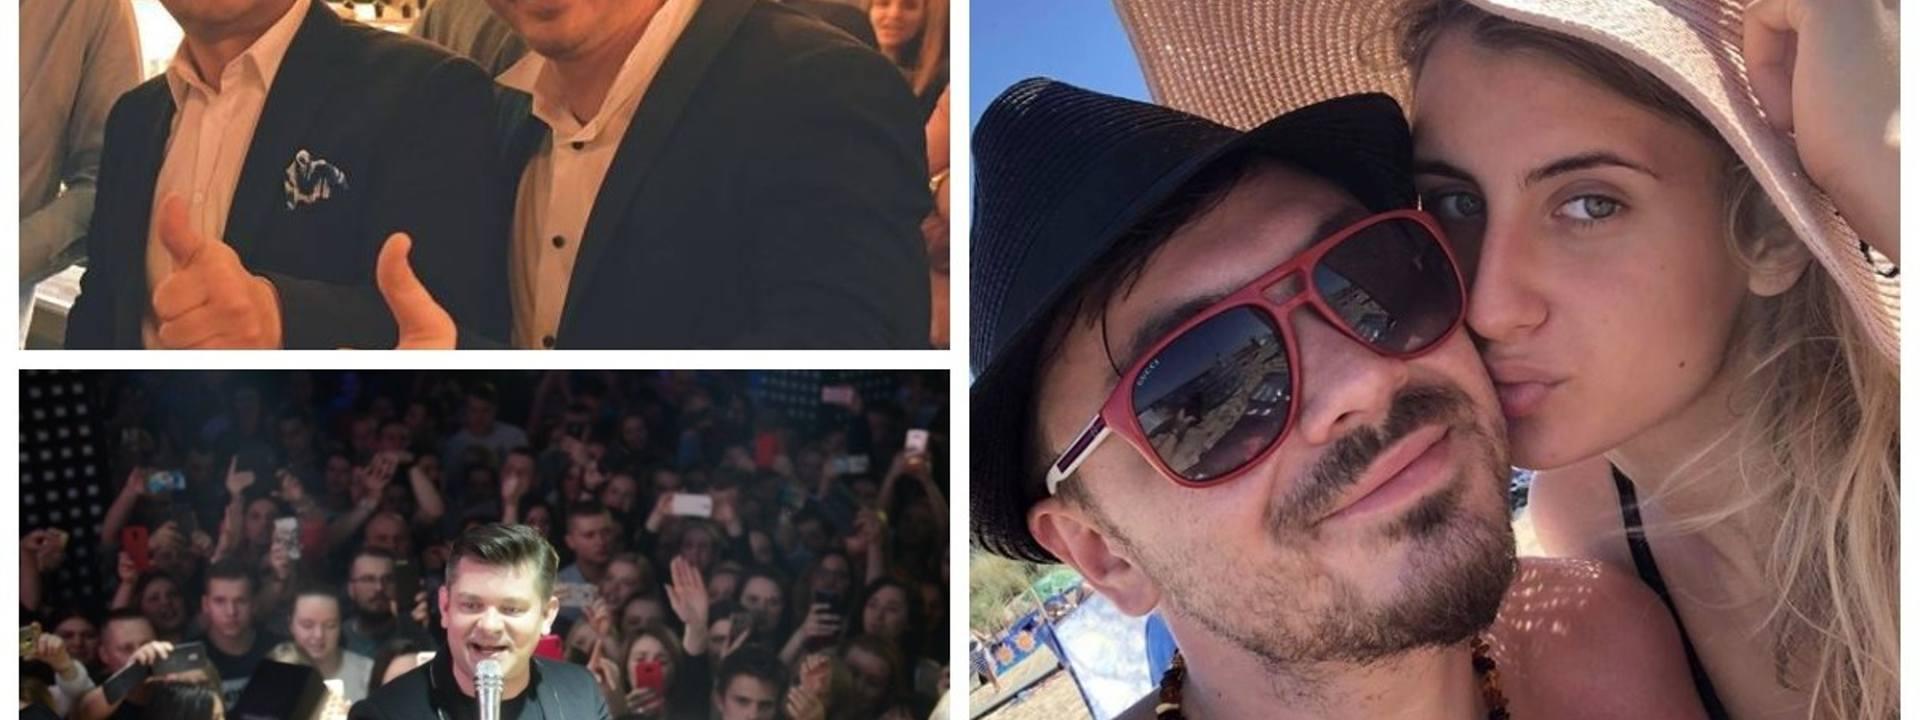 Zenek Martyniuk szykuje ślub dla swojego syna Daniela Martyniuka za milion złotych. Huczne wesele odbędzie się już w przyszłym miesiącu na Podlasiu.